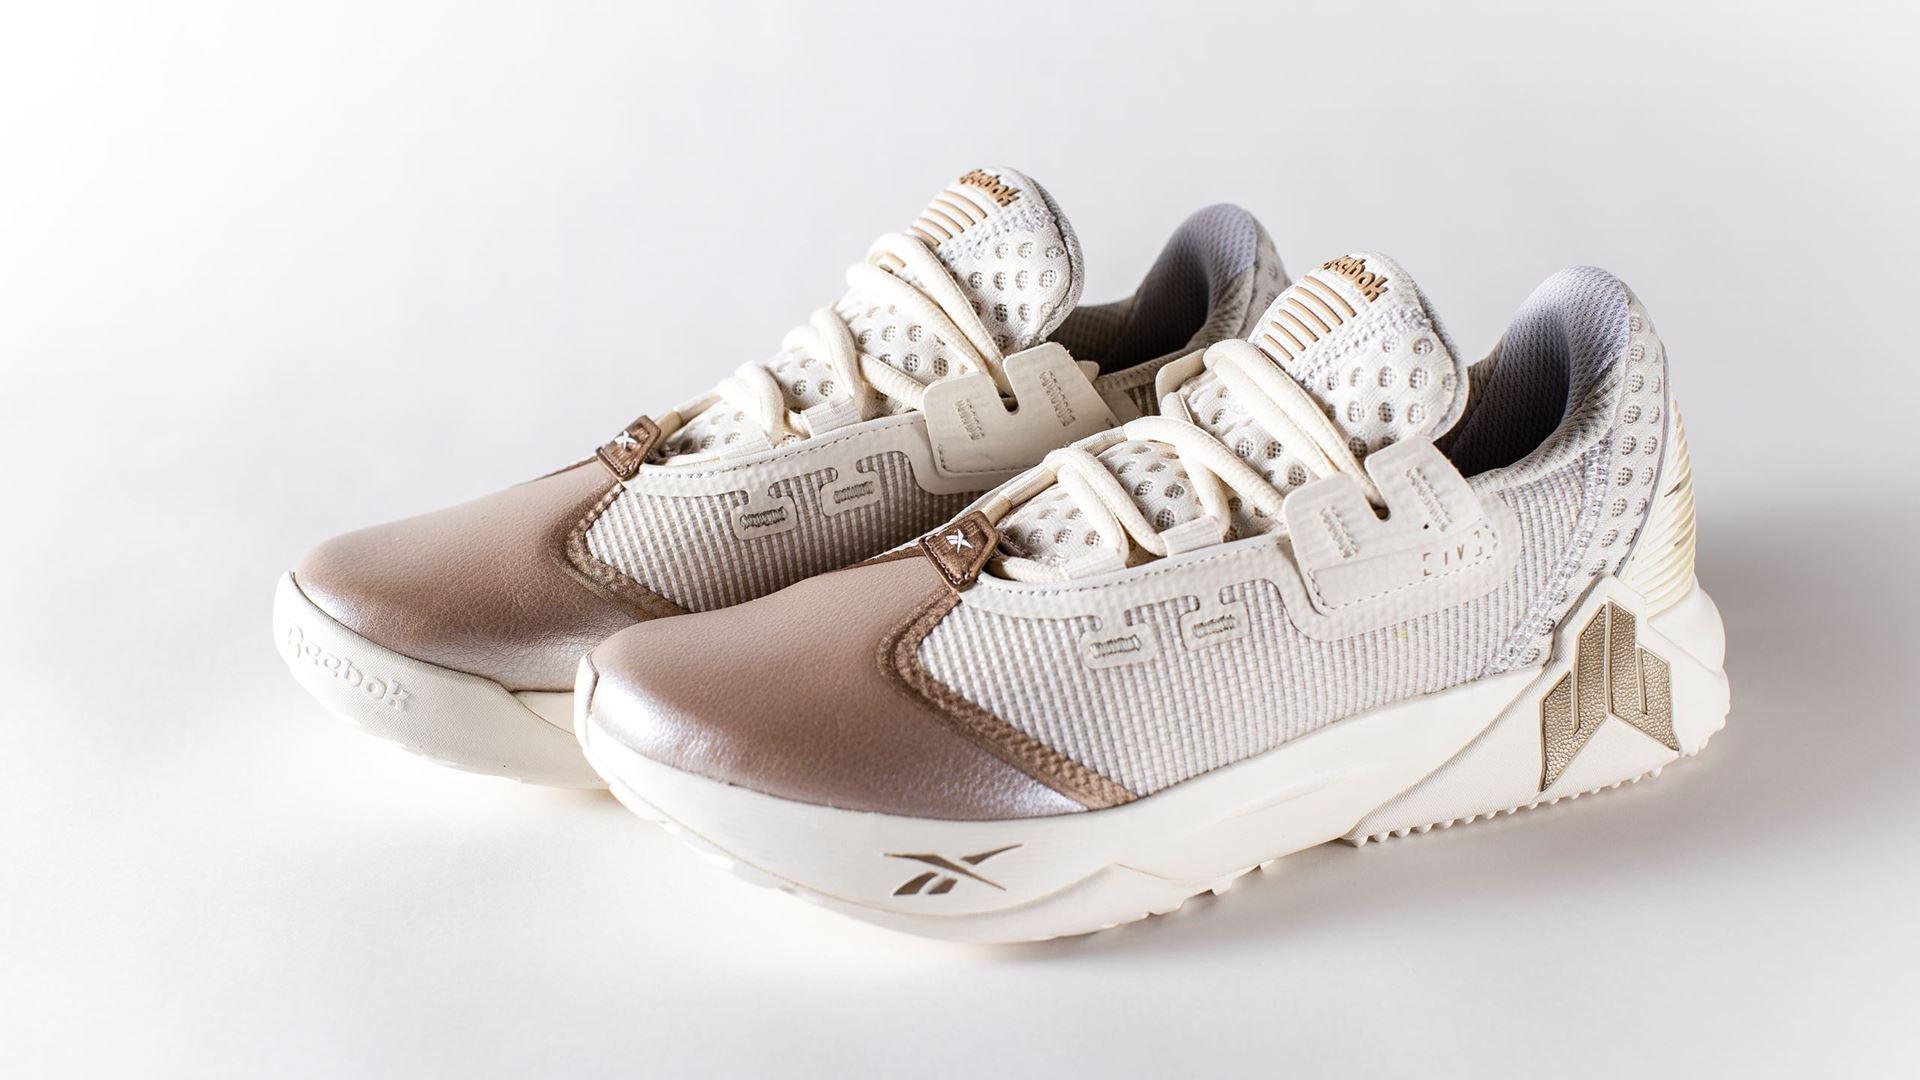 Reebok x JJWatt - Womens Shoes